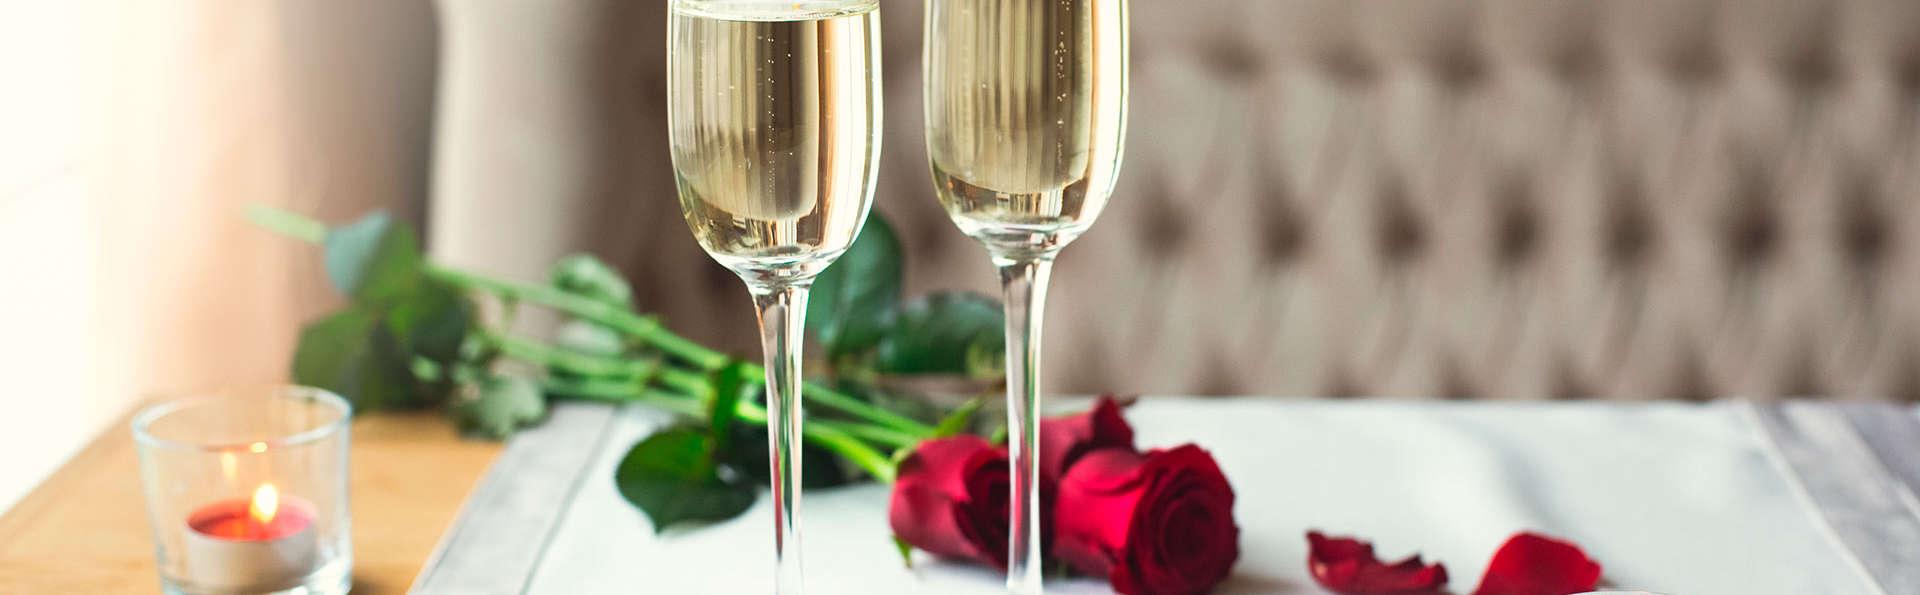 Séjour romantique dans la station balnéaire du Touquet